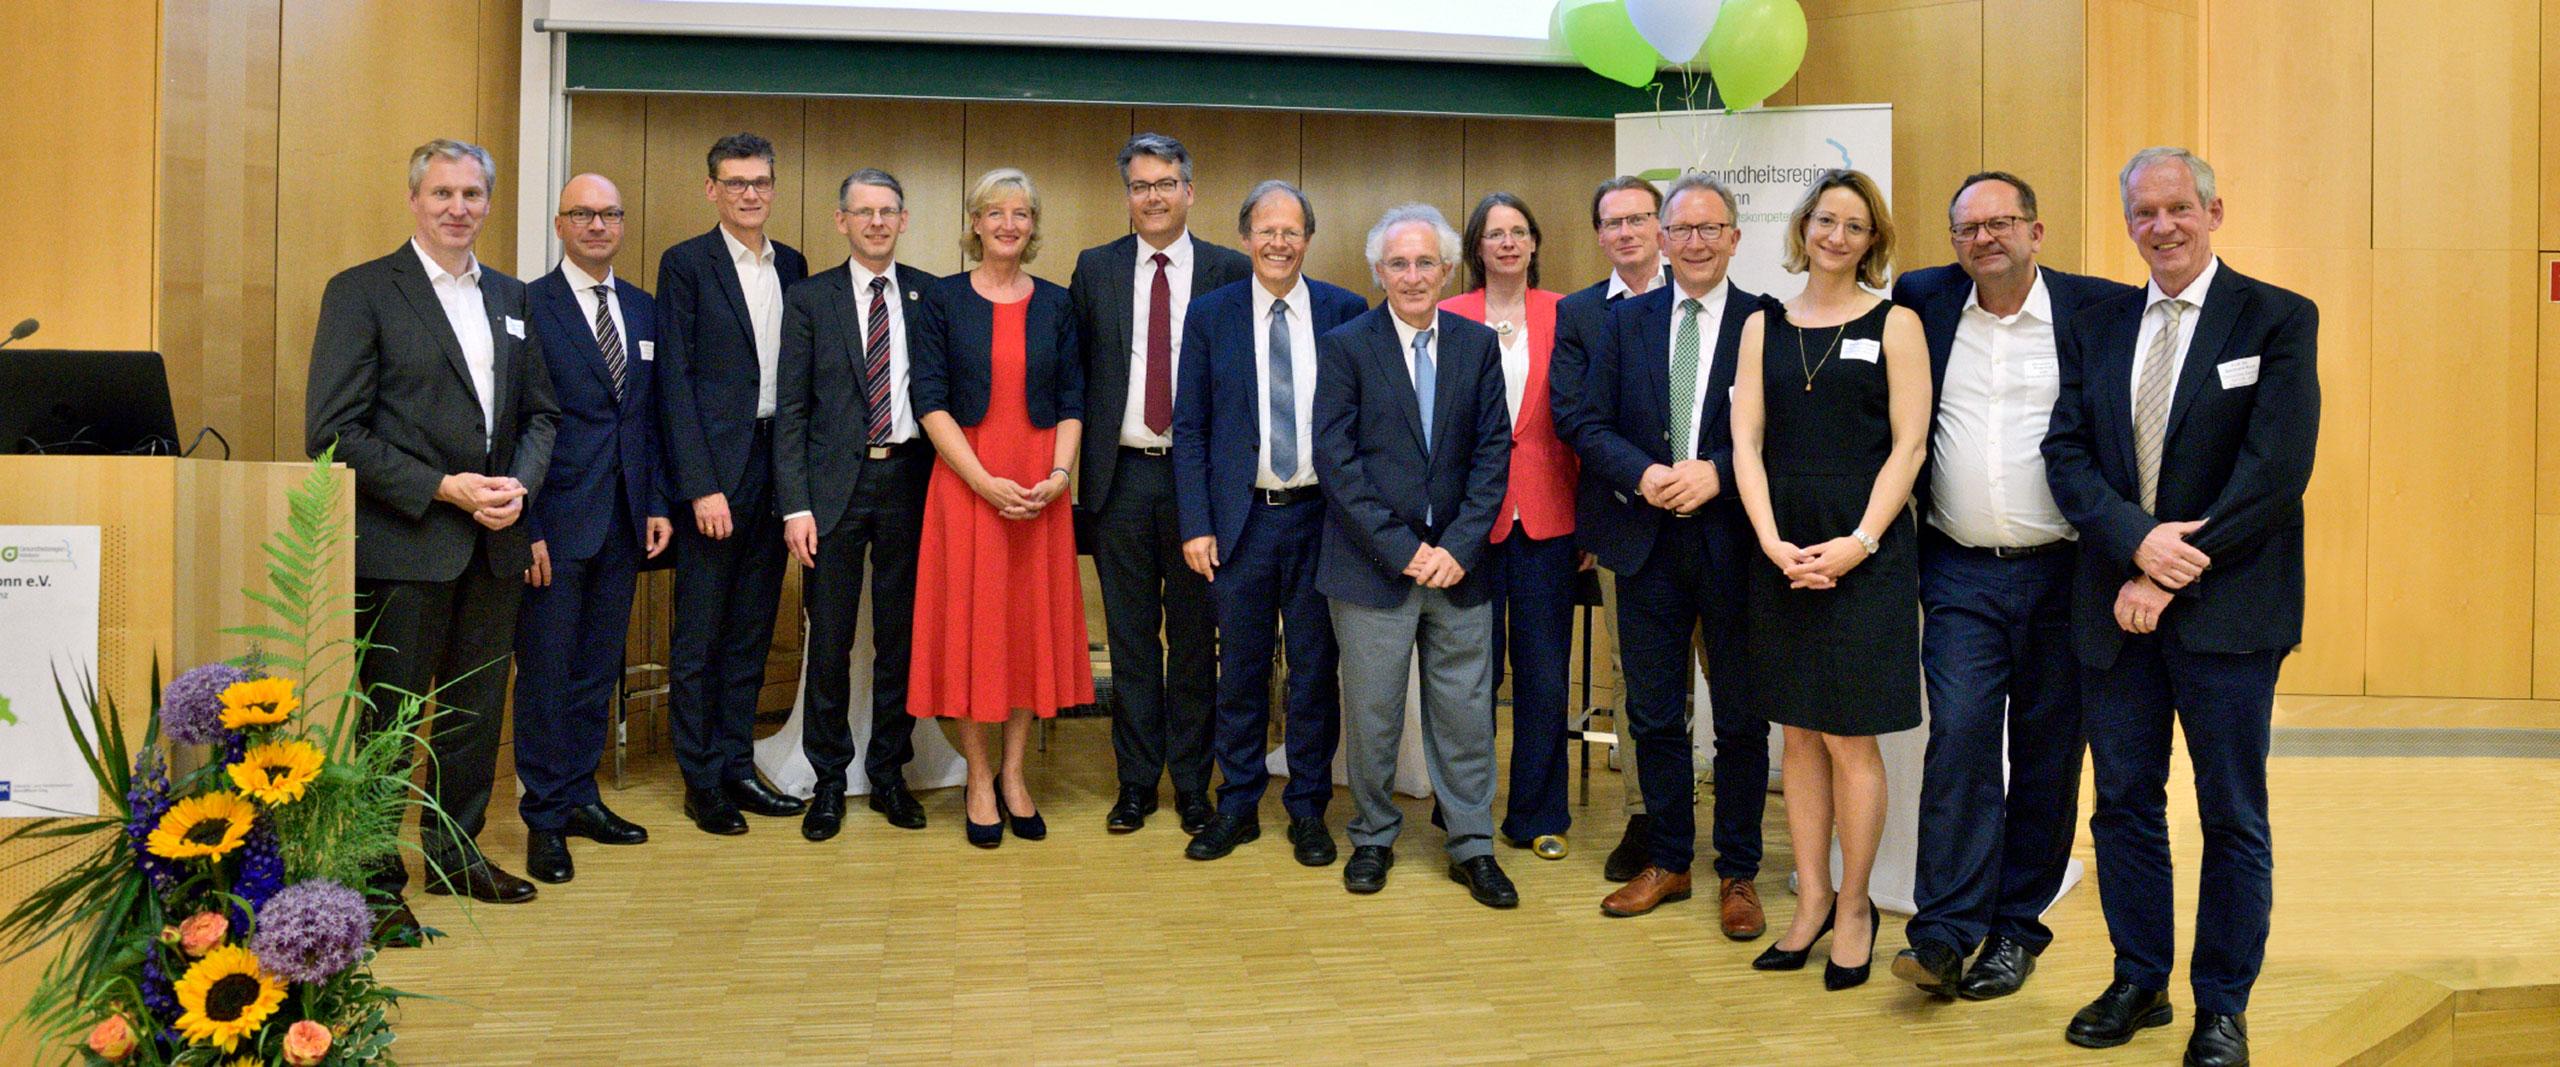 Gesundheitswesen gemeinsam gestalten – Gesundheitsregion KölnBonn e. V. feiert zehnjähriges Bestehen